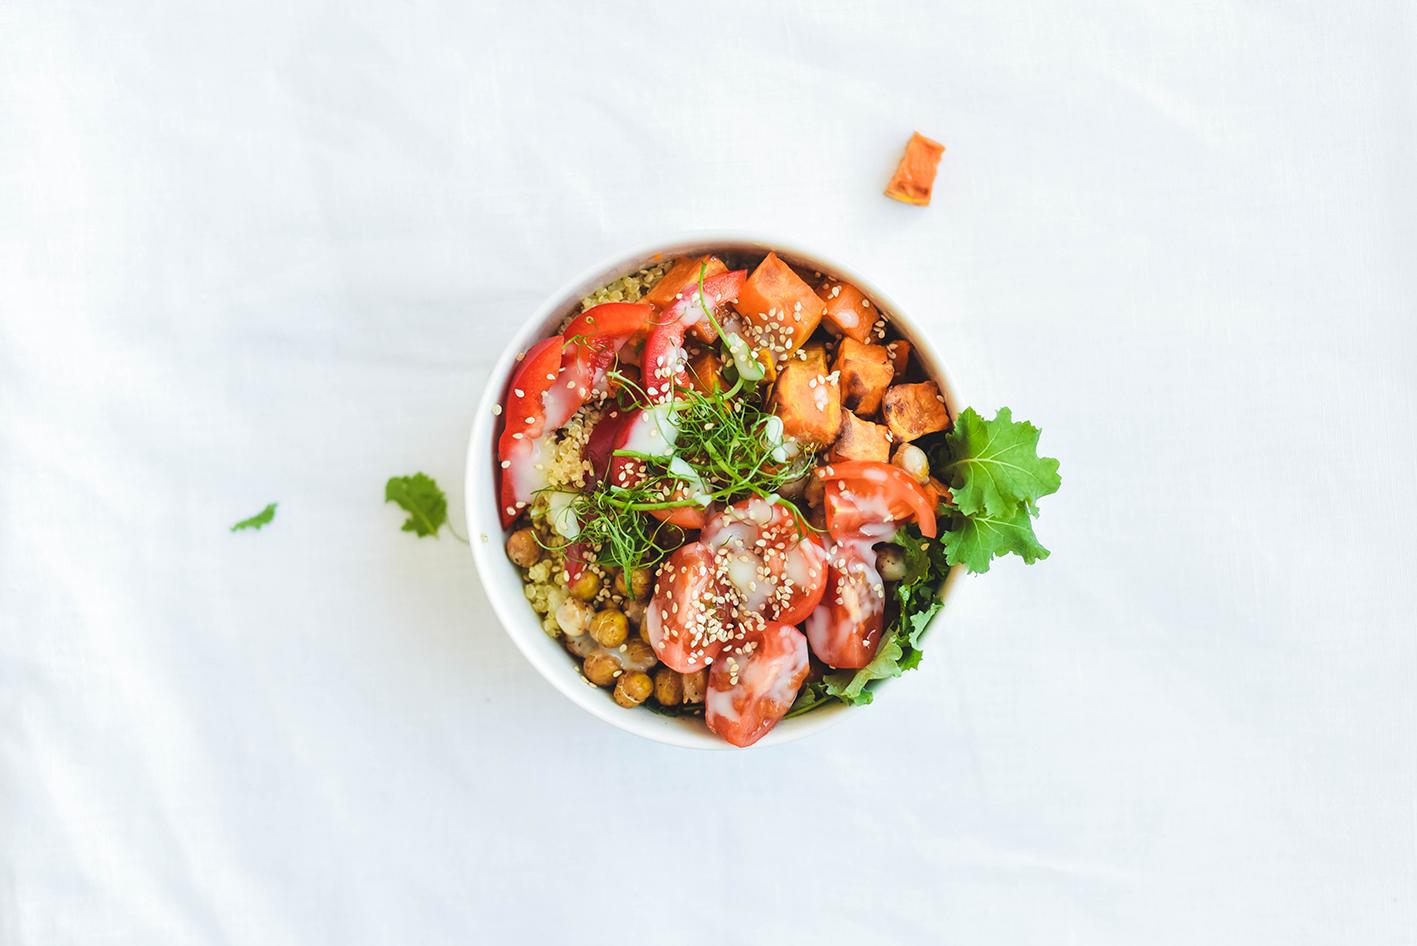 buddhabowl-kulhosalaatti-täydellinen-salaatti-sundayblondie-3.jpg